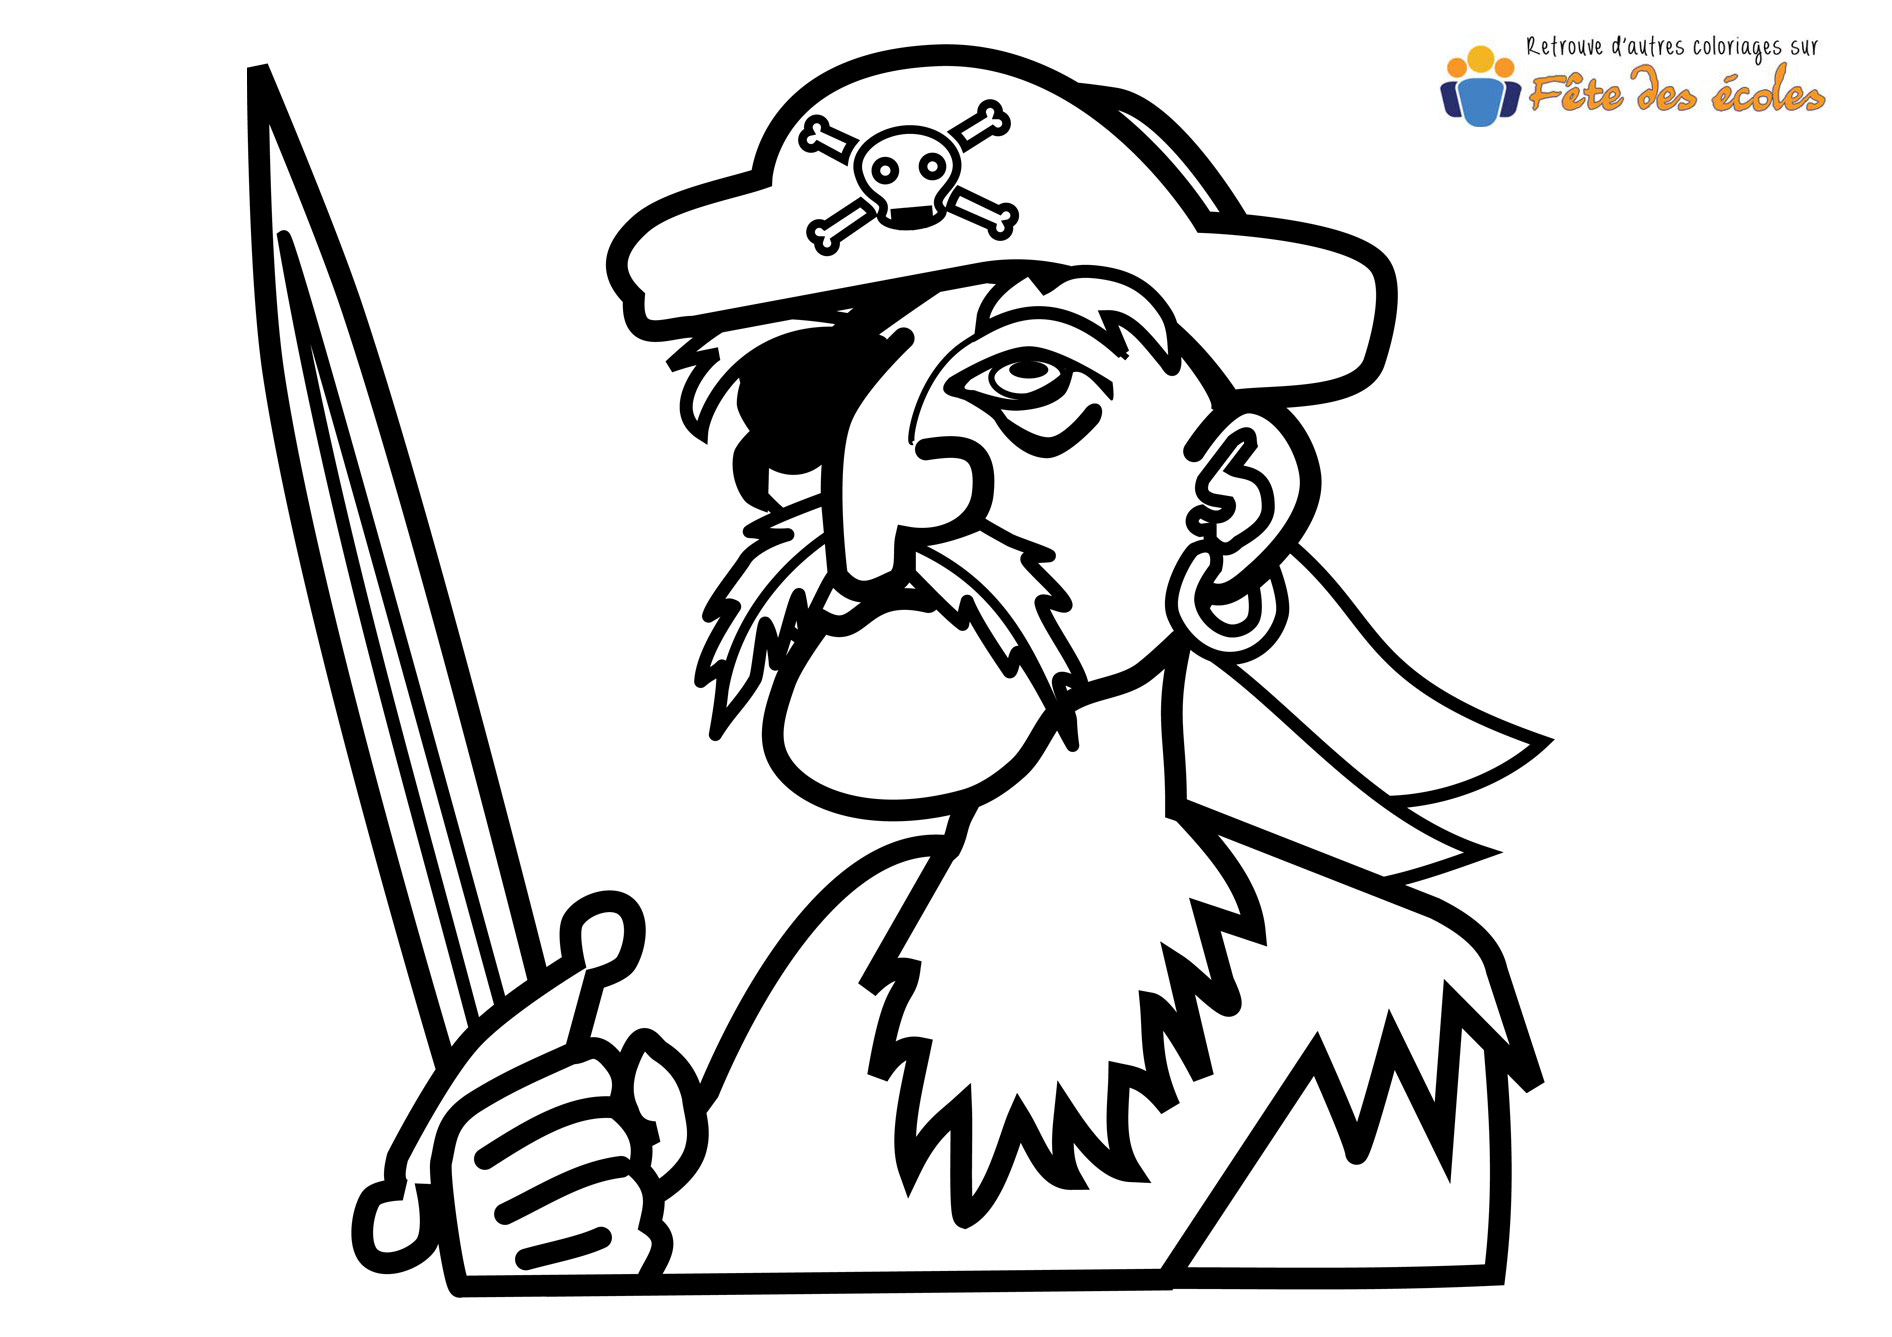 Coloriage De Cochon Pirate.Sebastien Martin